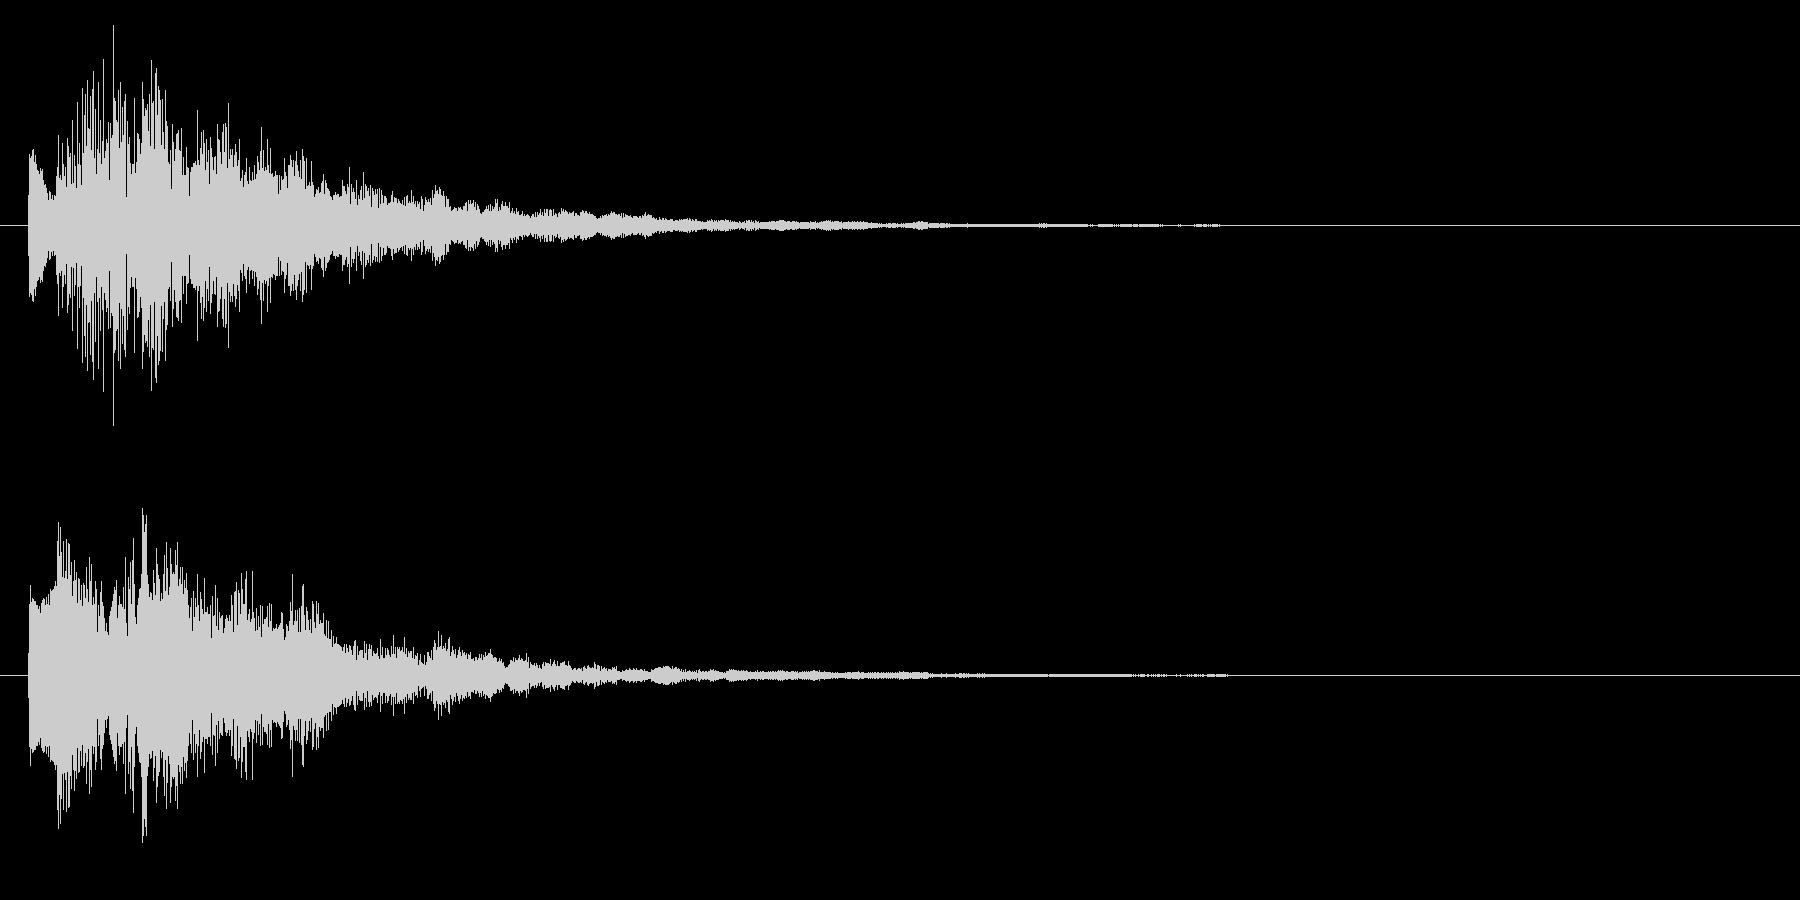 ニュースのテロップをイメージした音02の未再生の波形